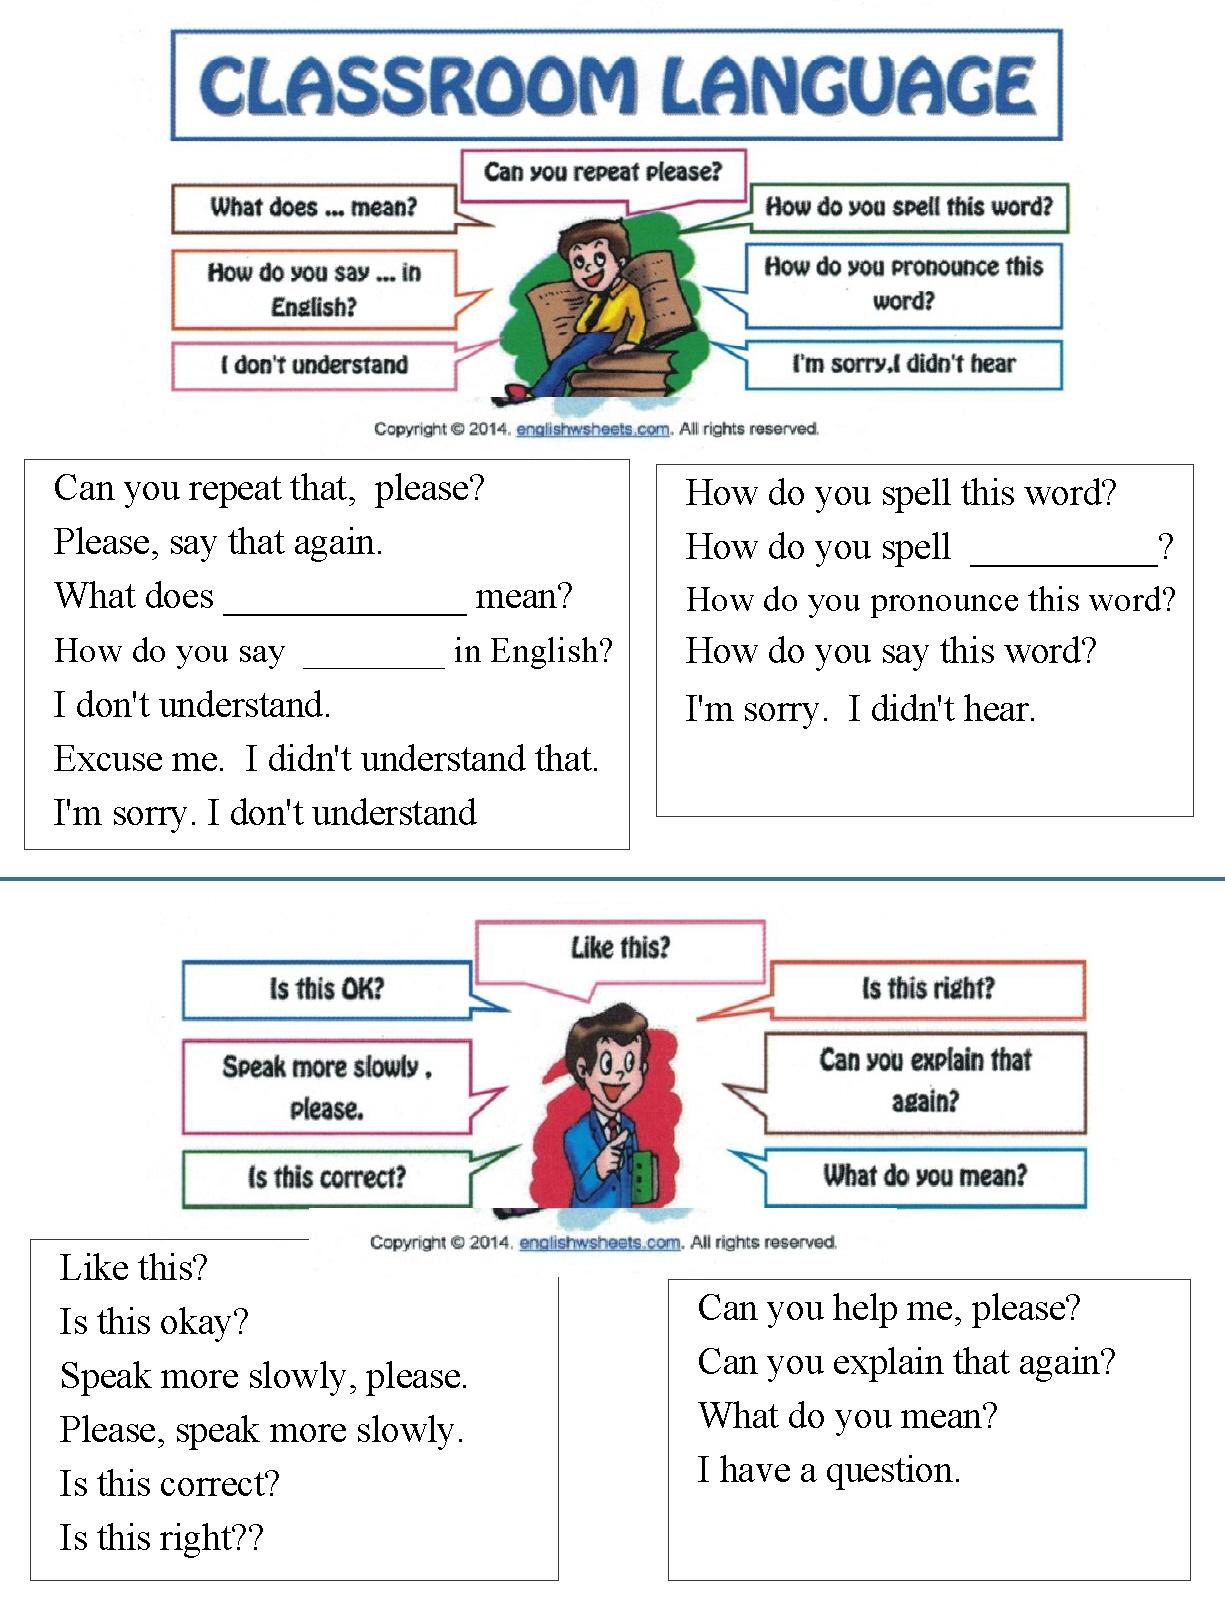 5 Conversation Sentences